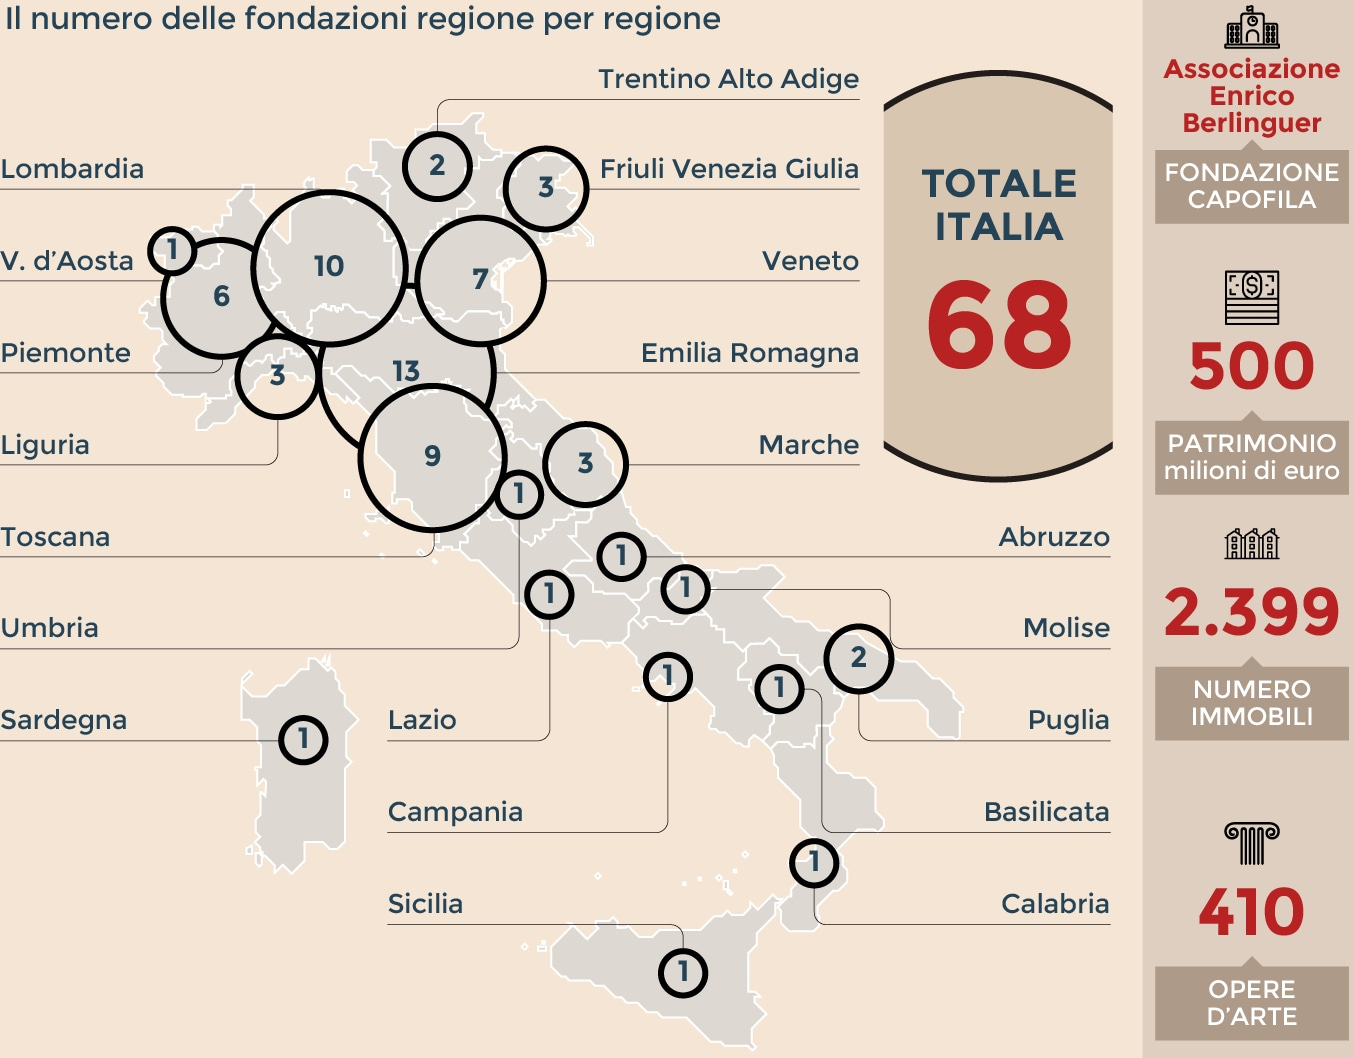 LA MAPPA DELLE FONDAZIONI CHE CUSTODISCONO I BENI DELL'EX PCI